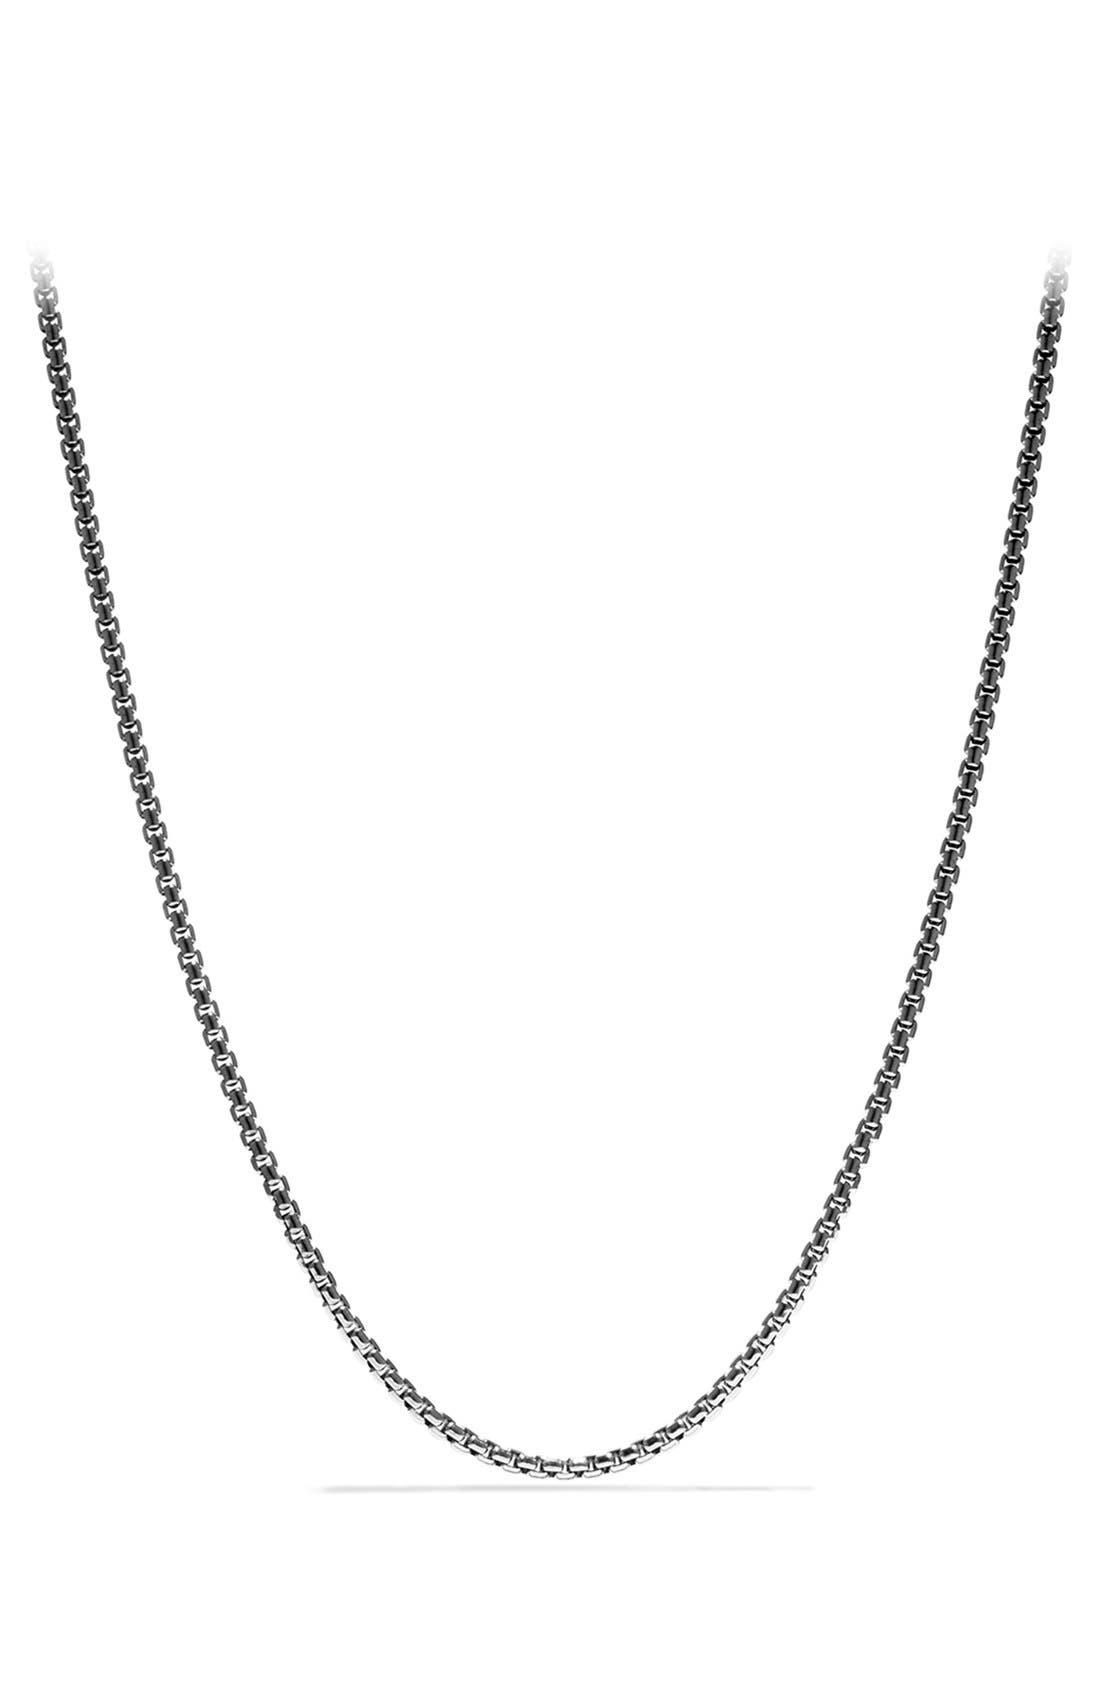 'Chain' Medium Box Chain Necklace,                         Main,                         color, Silver